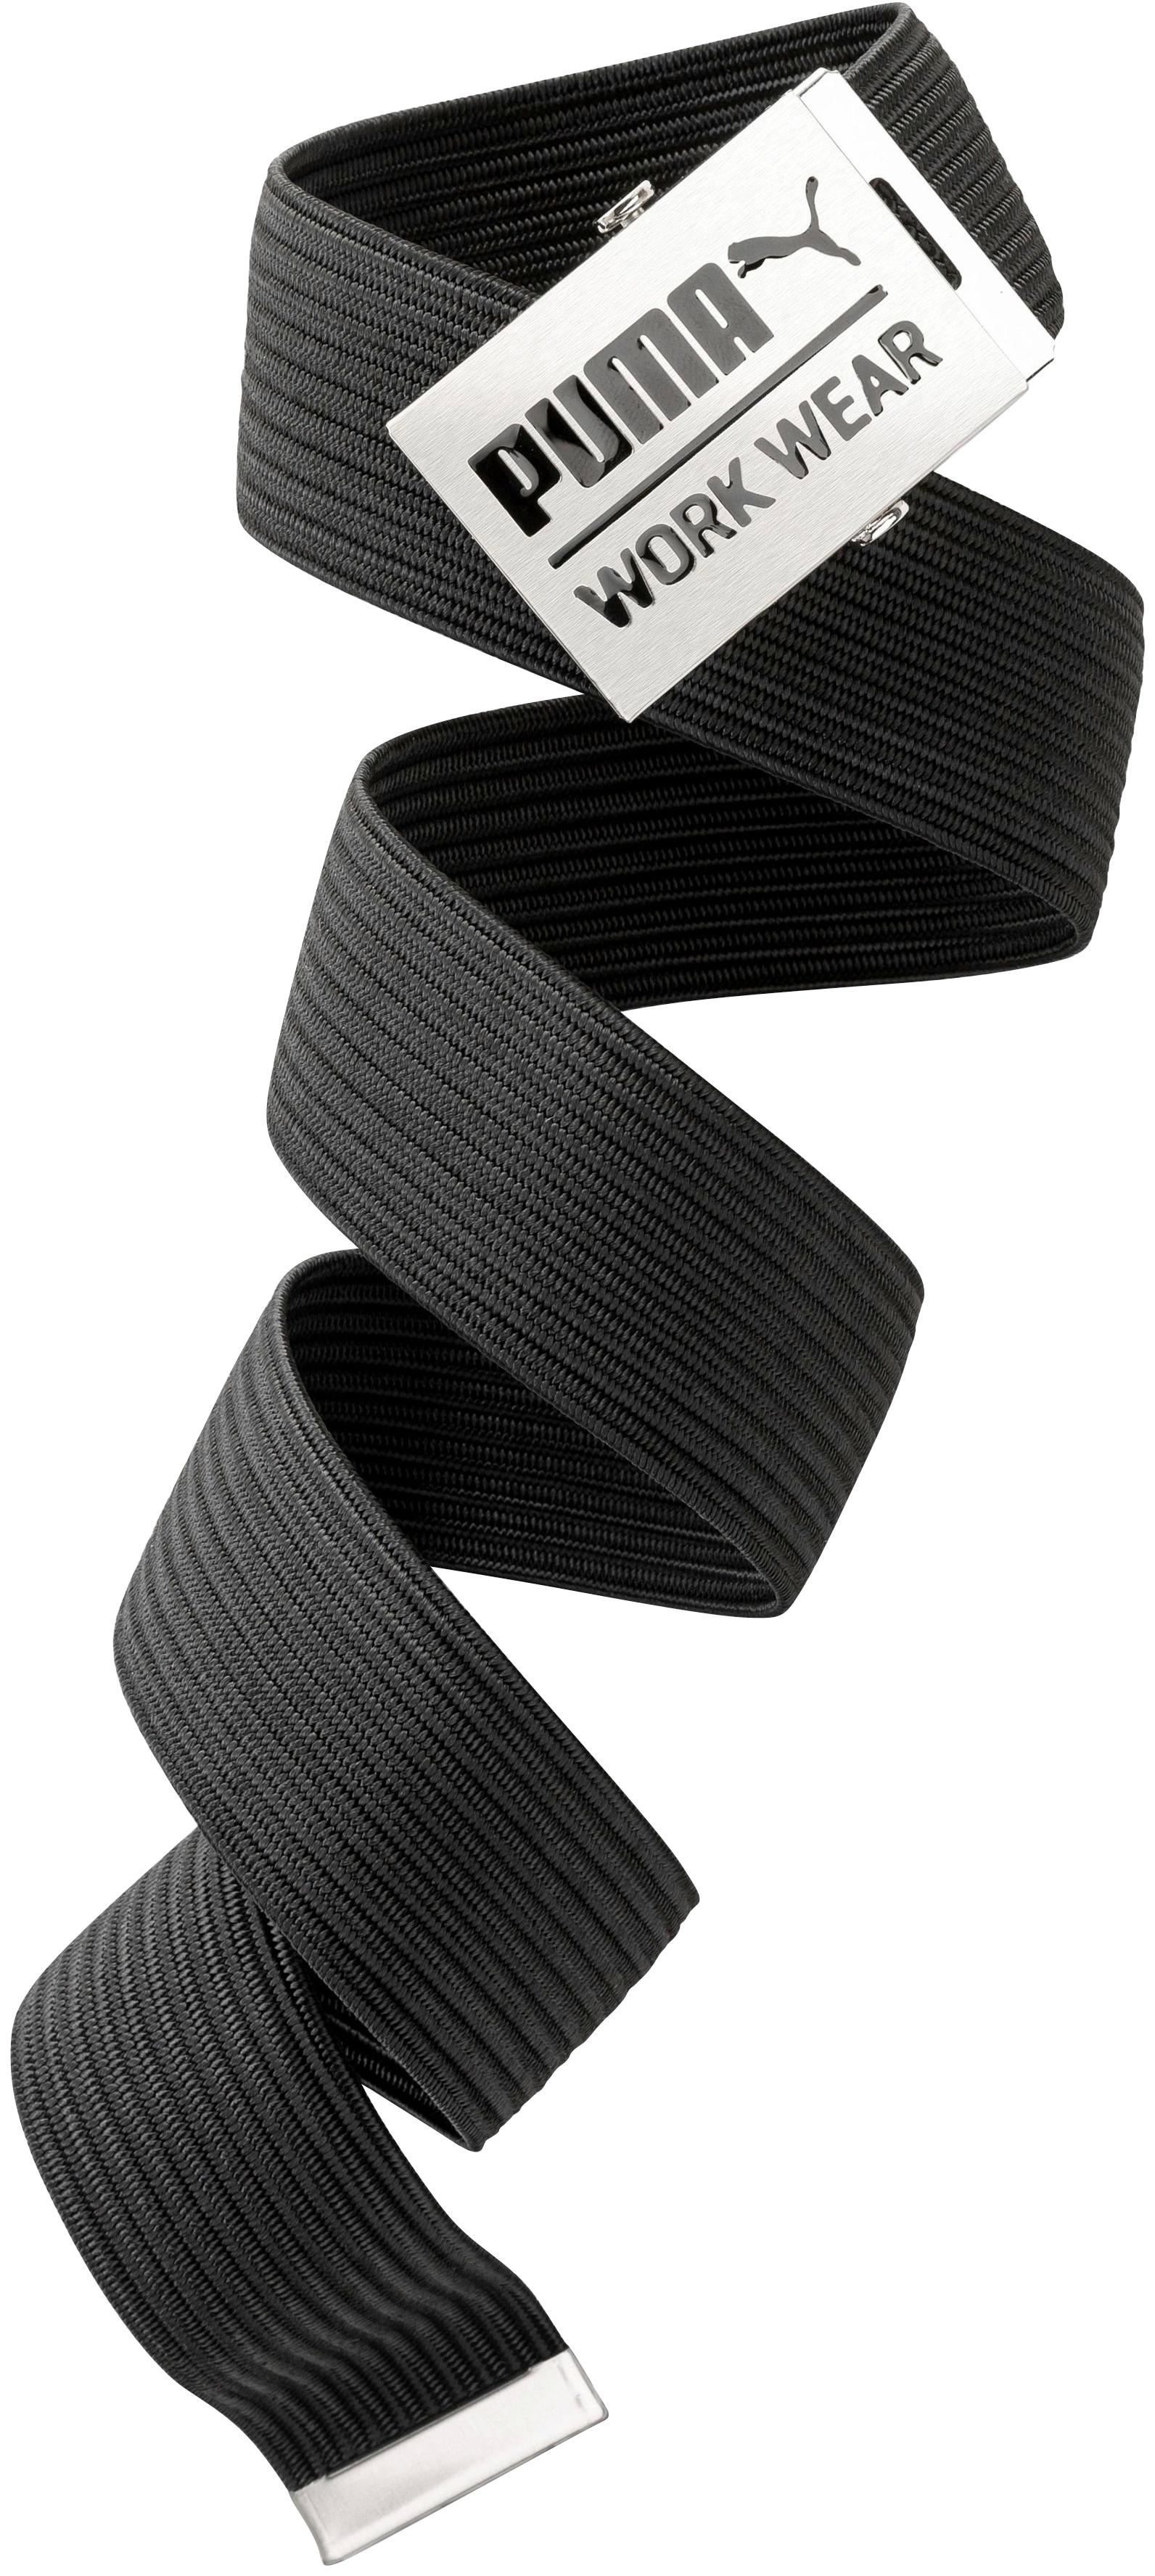 puma workwear -  Koppelgürtel Champ, 130 cm Länge, mit hochwertigen Stretchanteile